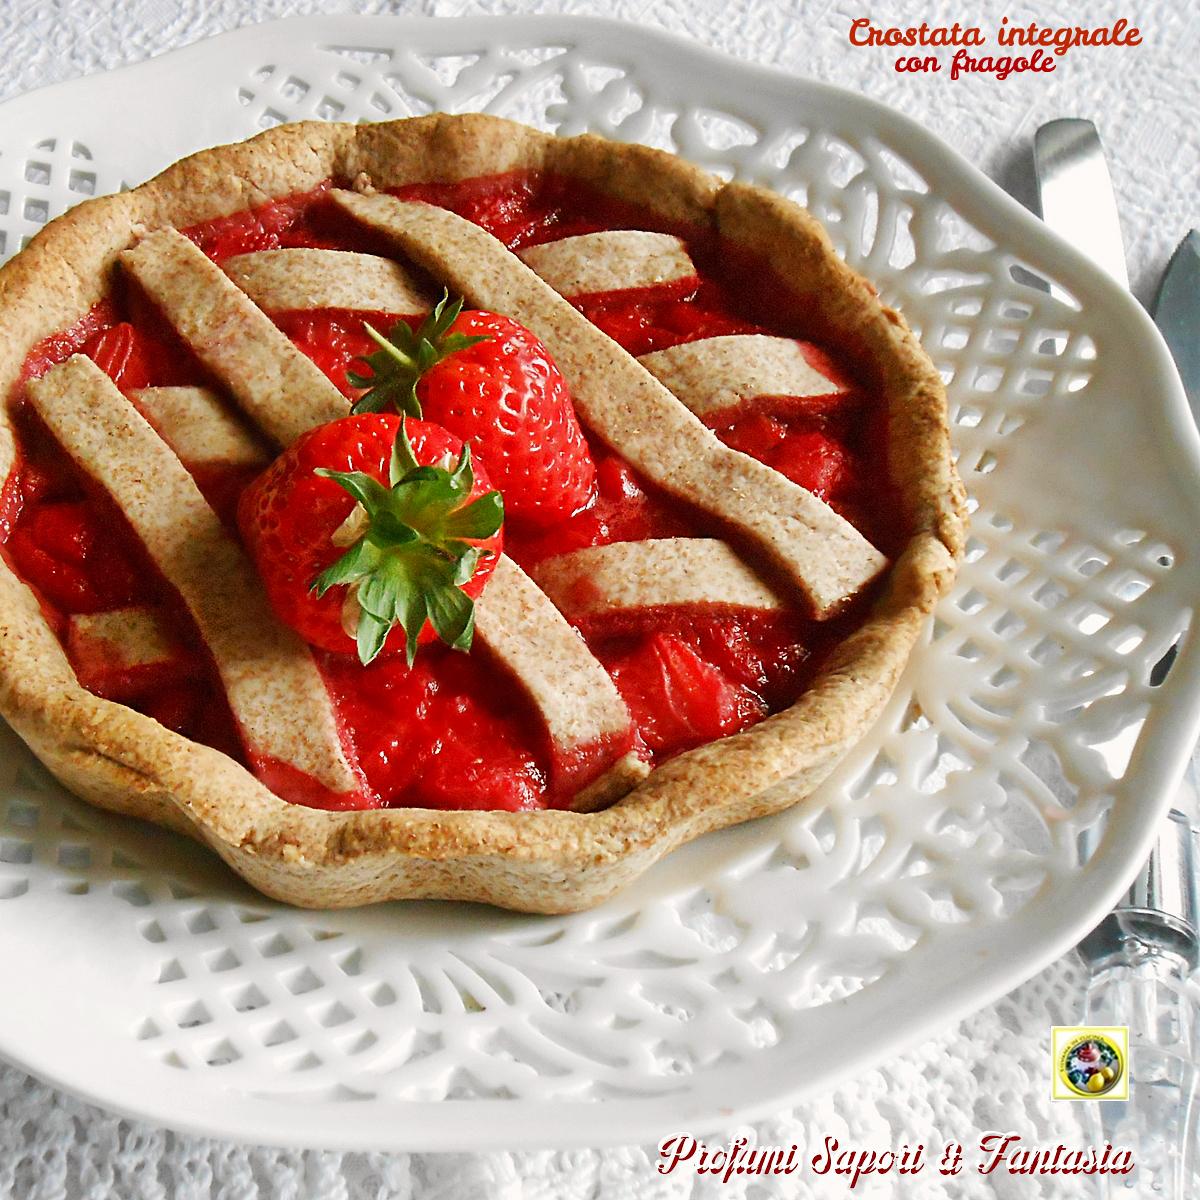 Crostata integrale alle fragole